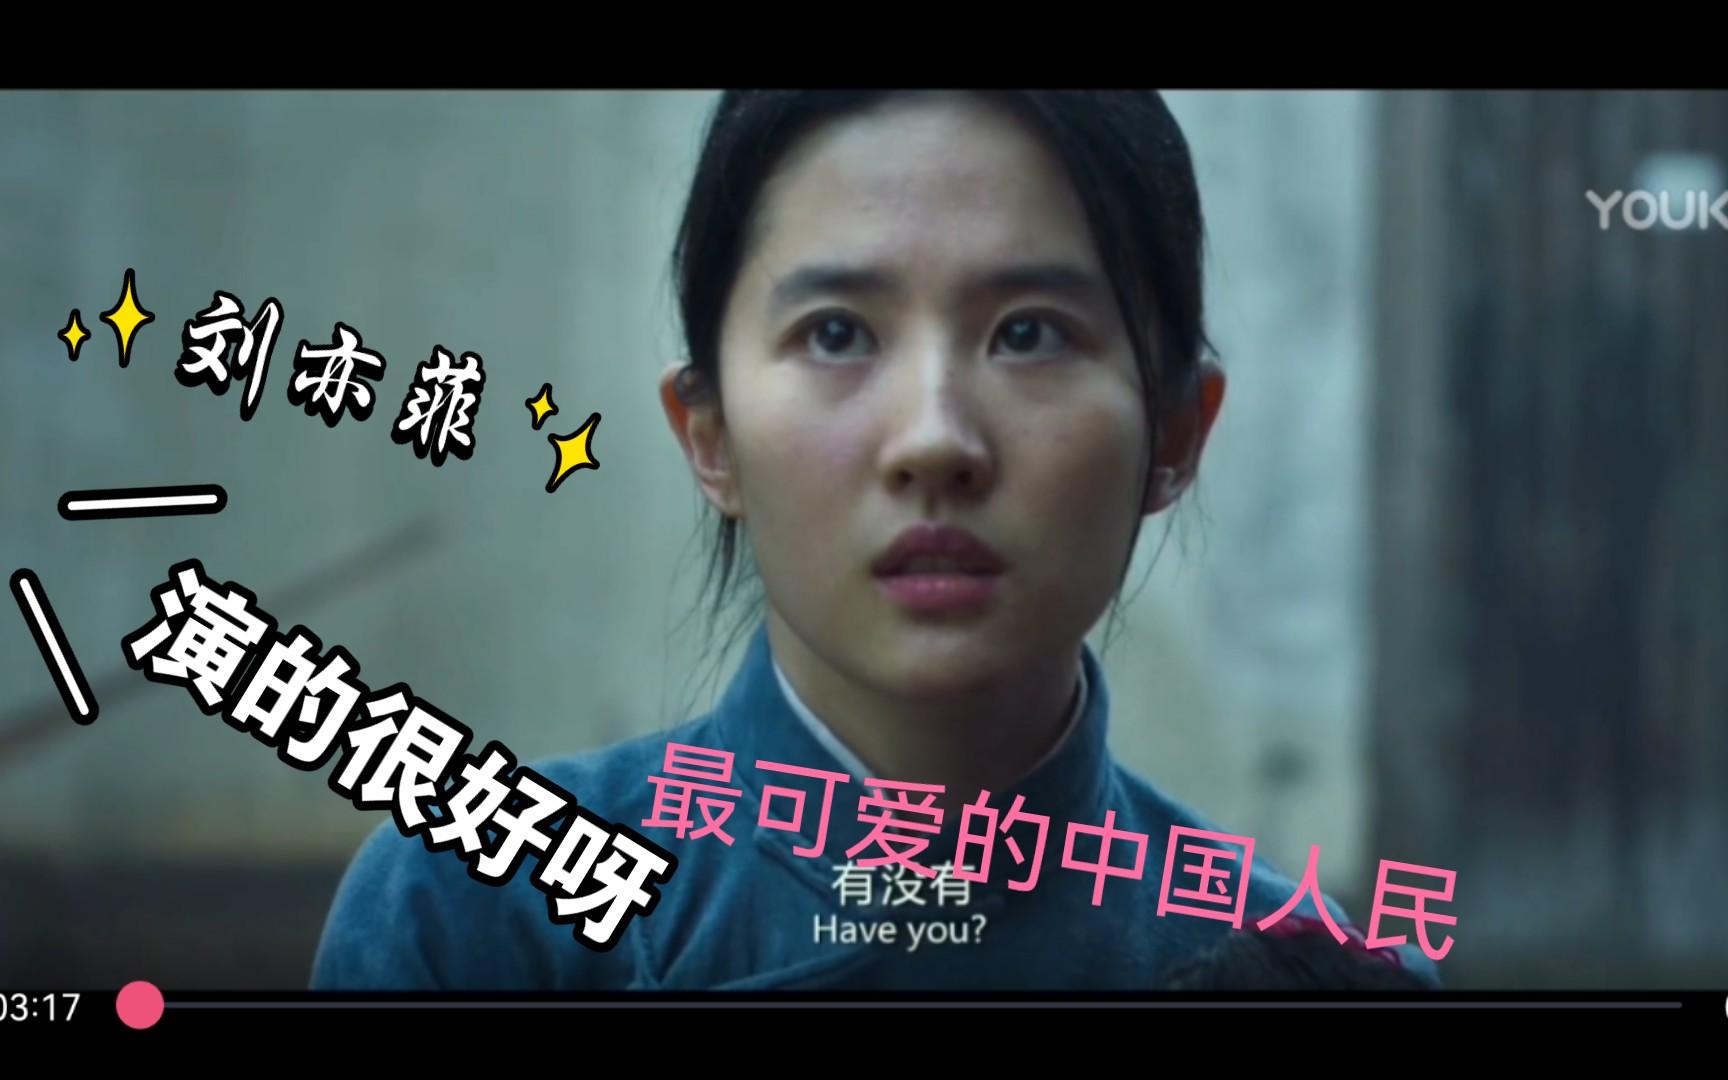 不会还有人不知道天仙的这部电影吧  拍的很好细腻感人  又真实   刘亦菲  烽火芳菲